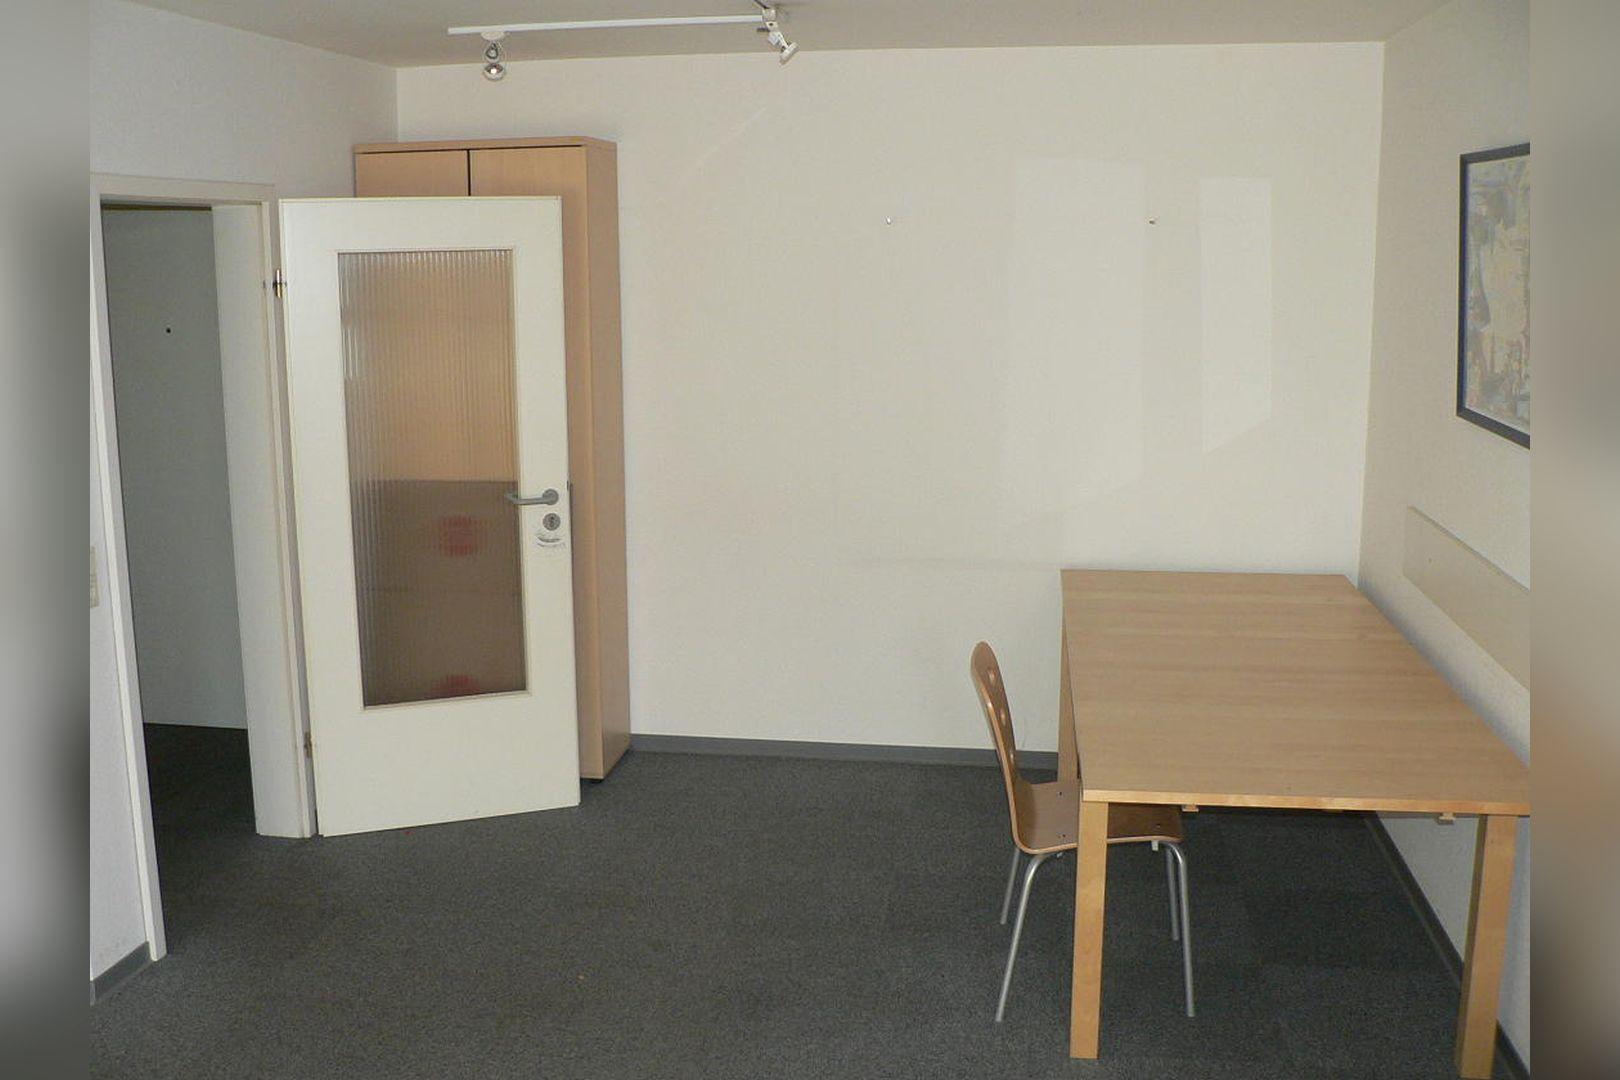 Immobilie Nr.0234 - 1 - Raum - Bürofläche mit Aktenkeller und Balkon - Bild 4.jpg